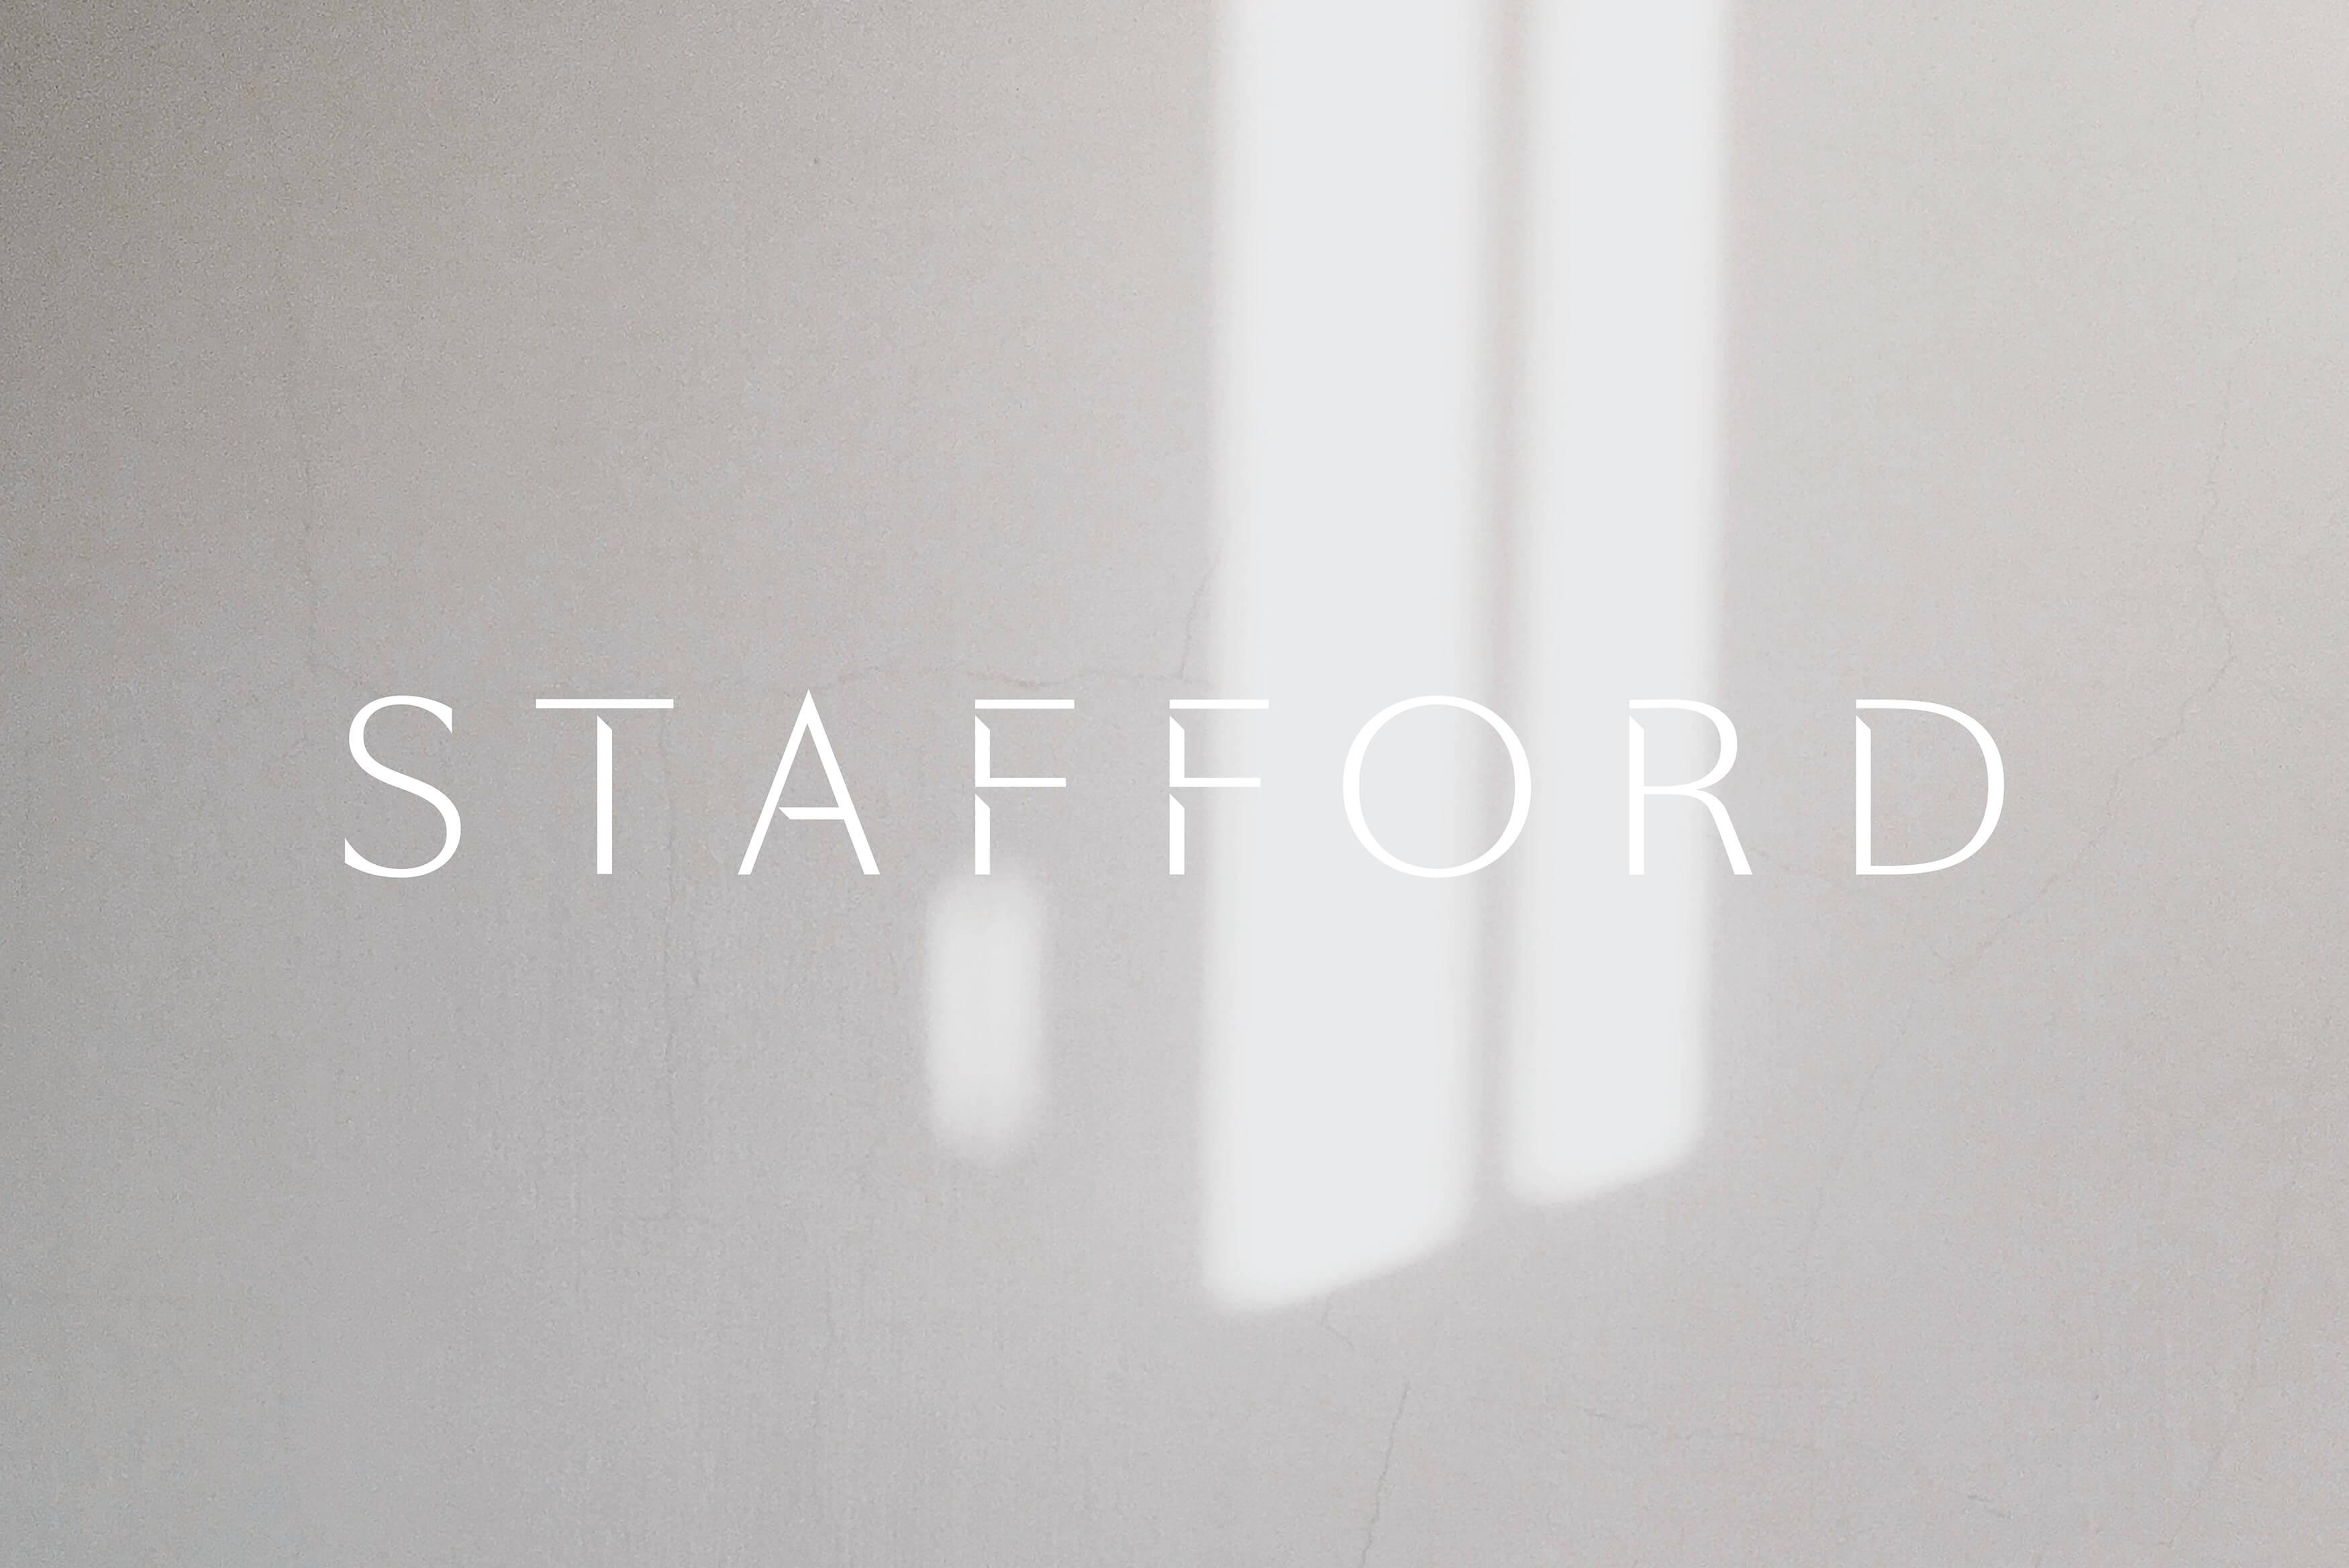 Stafford Architecture